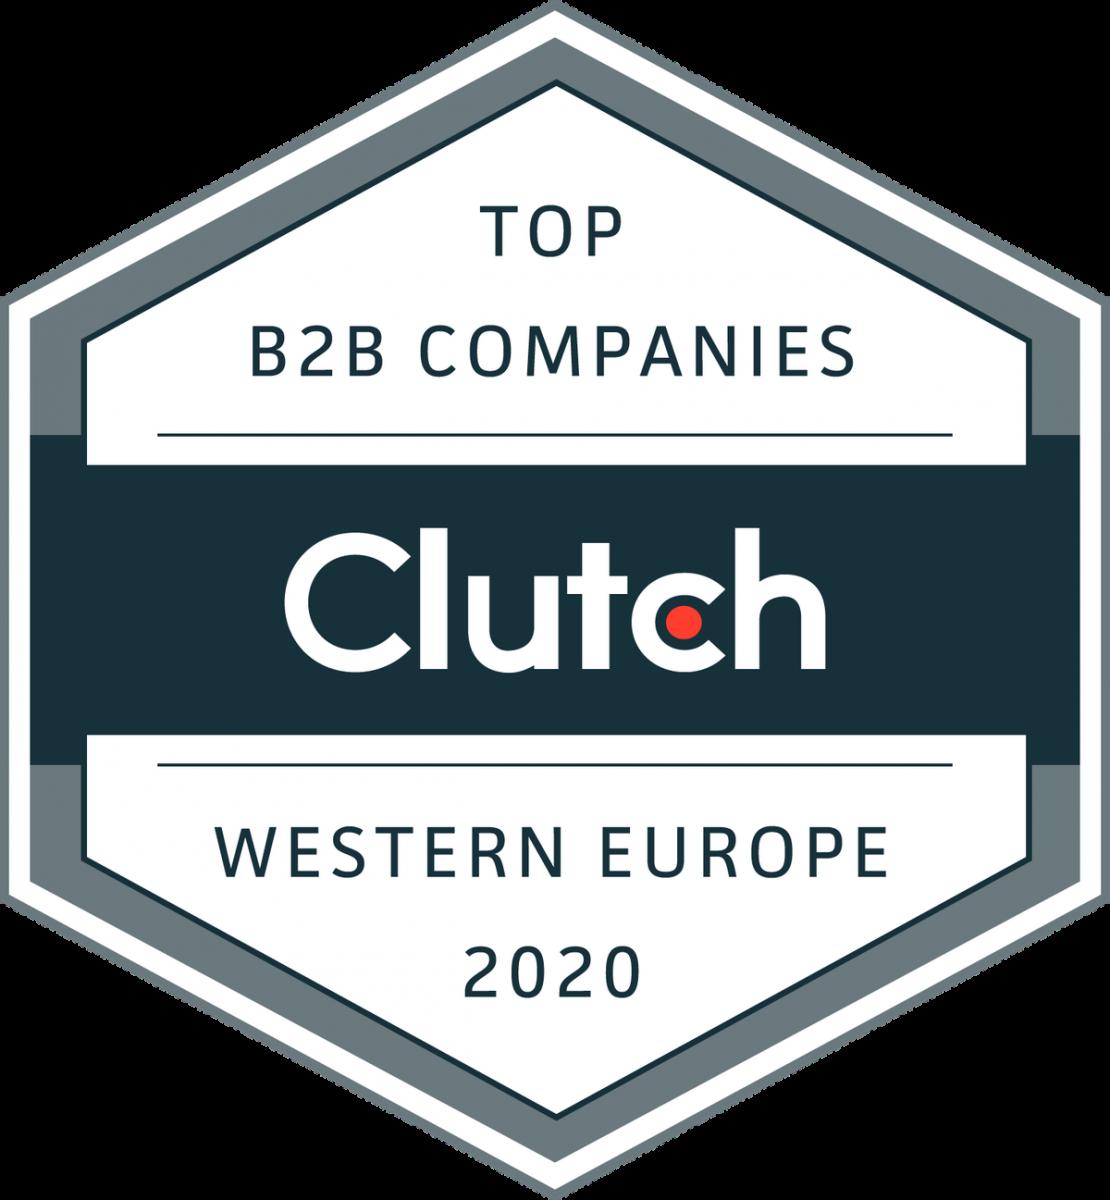 western europe 2020 leaders